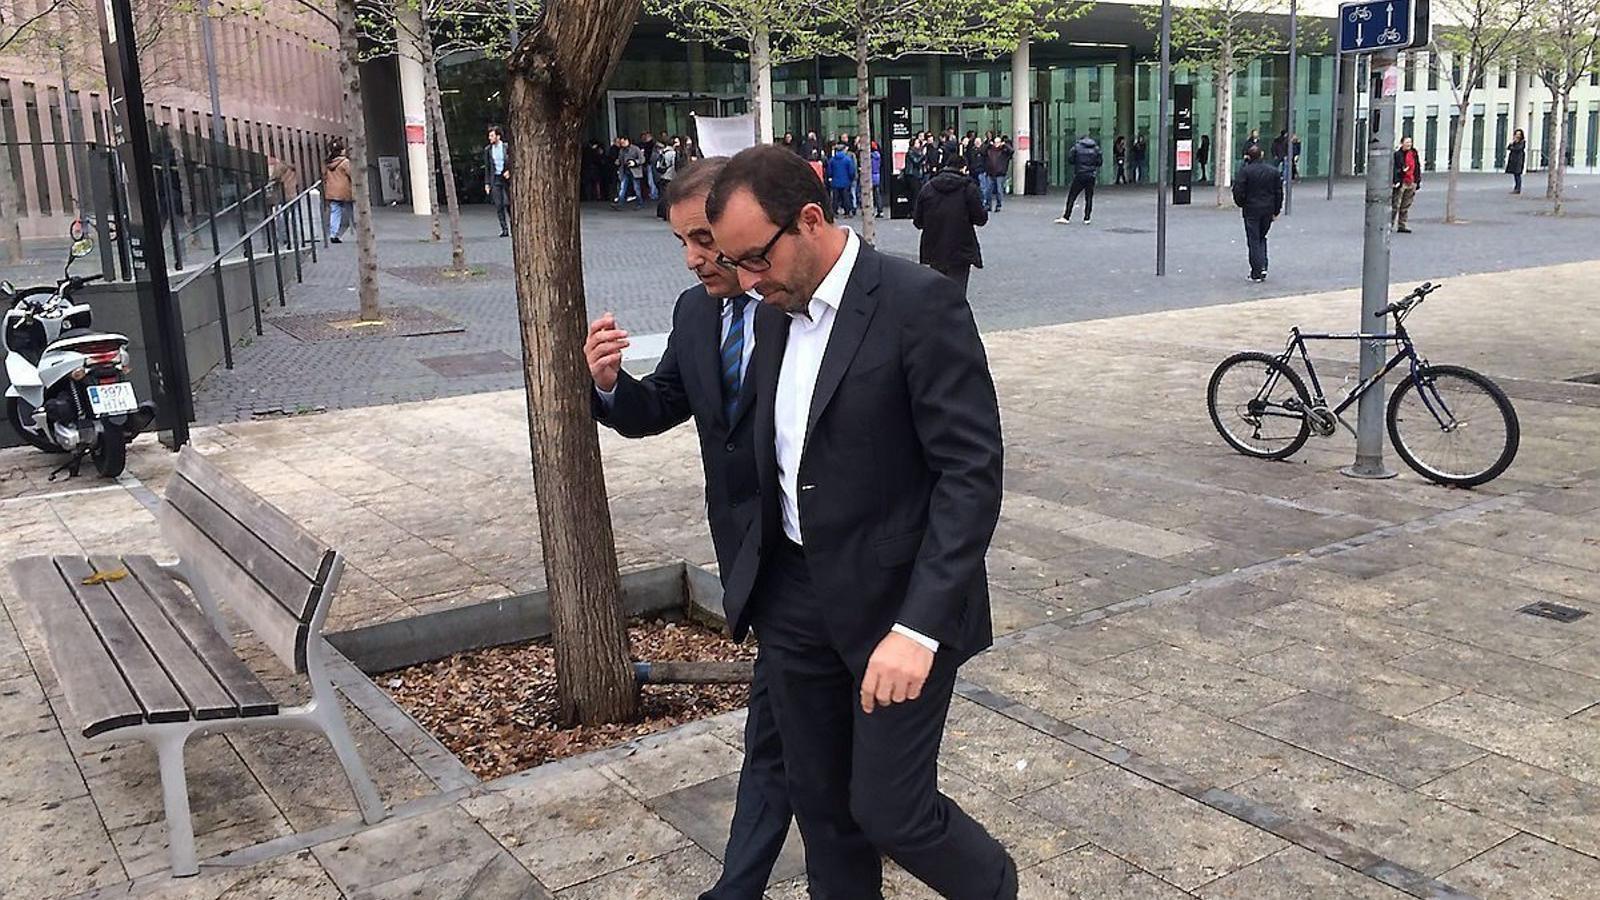 Sandro Rosell i l'advocat Pau Molins sortint de la Ciutat de la Justícia  de l'Hospitalet de Llobregat.